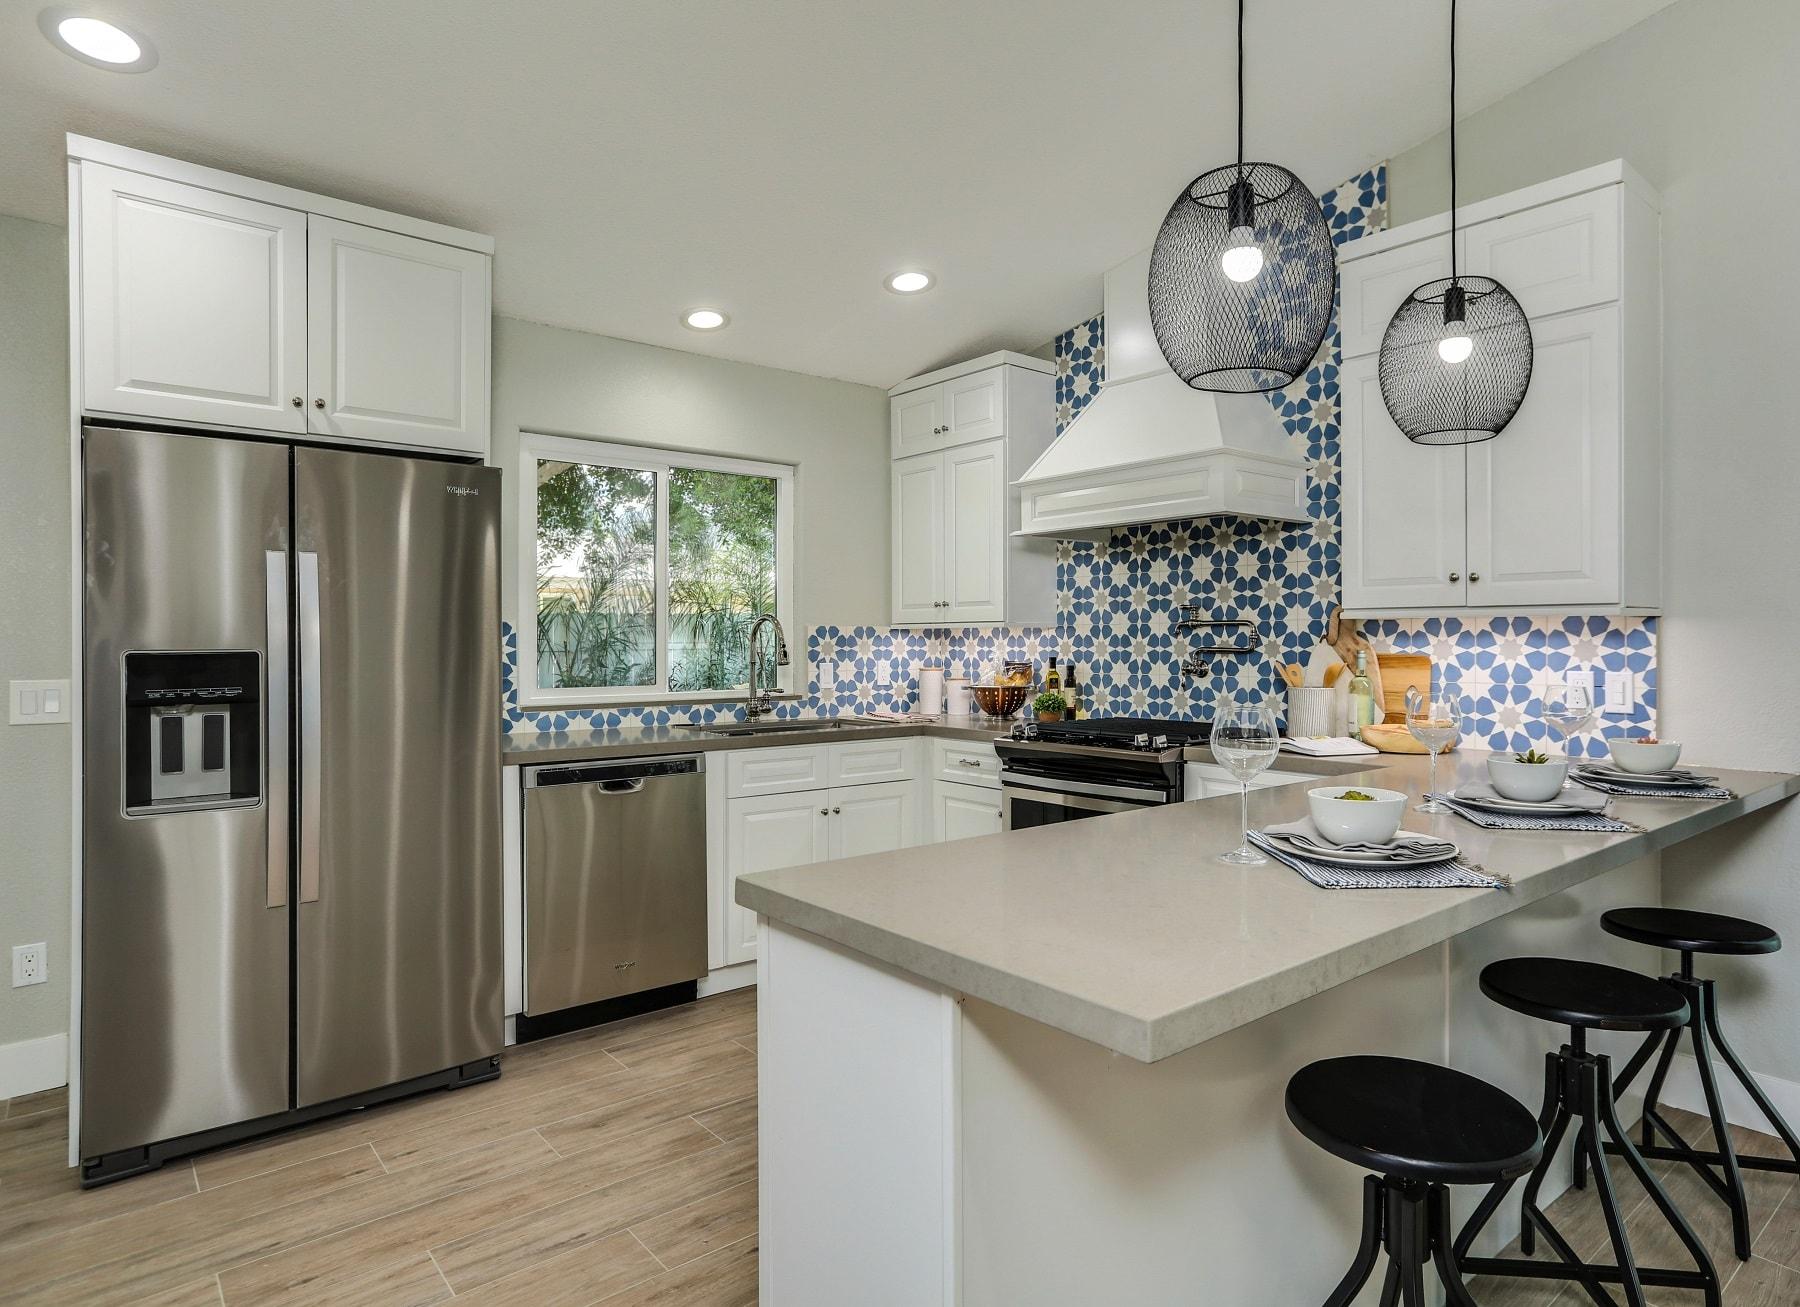 Dakota White RTA Kitchen Cabinets - The RTA Store